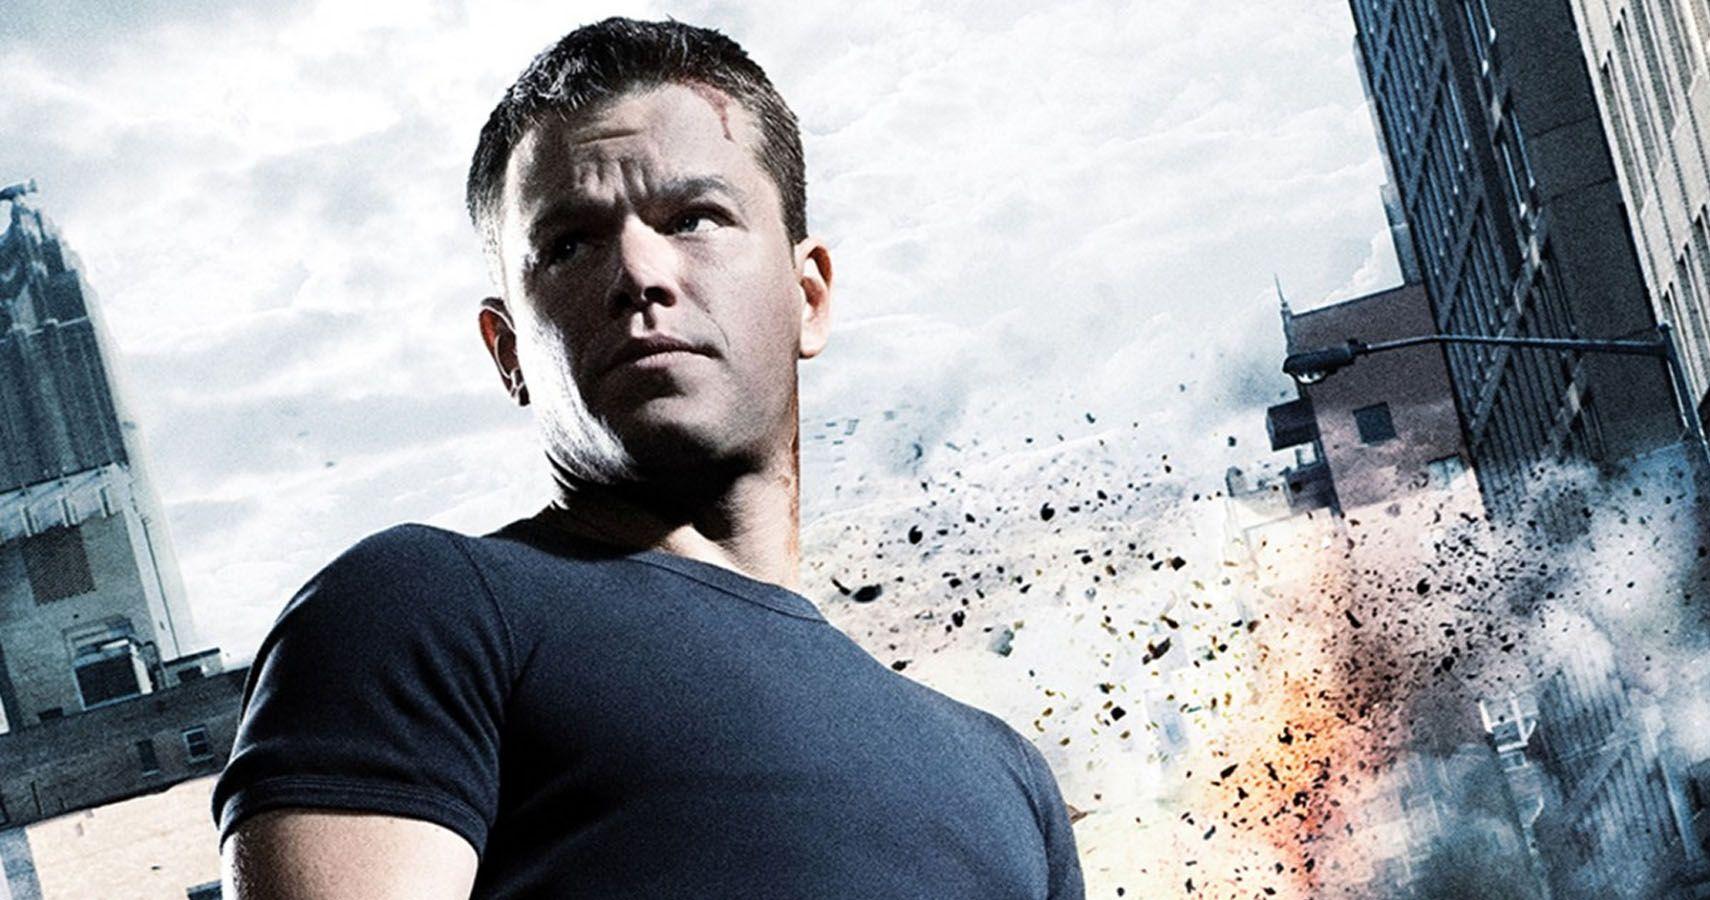 Matt Damon's 10 Best Movies, According to Rotten Tomatoes